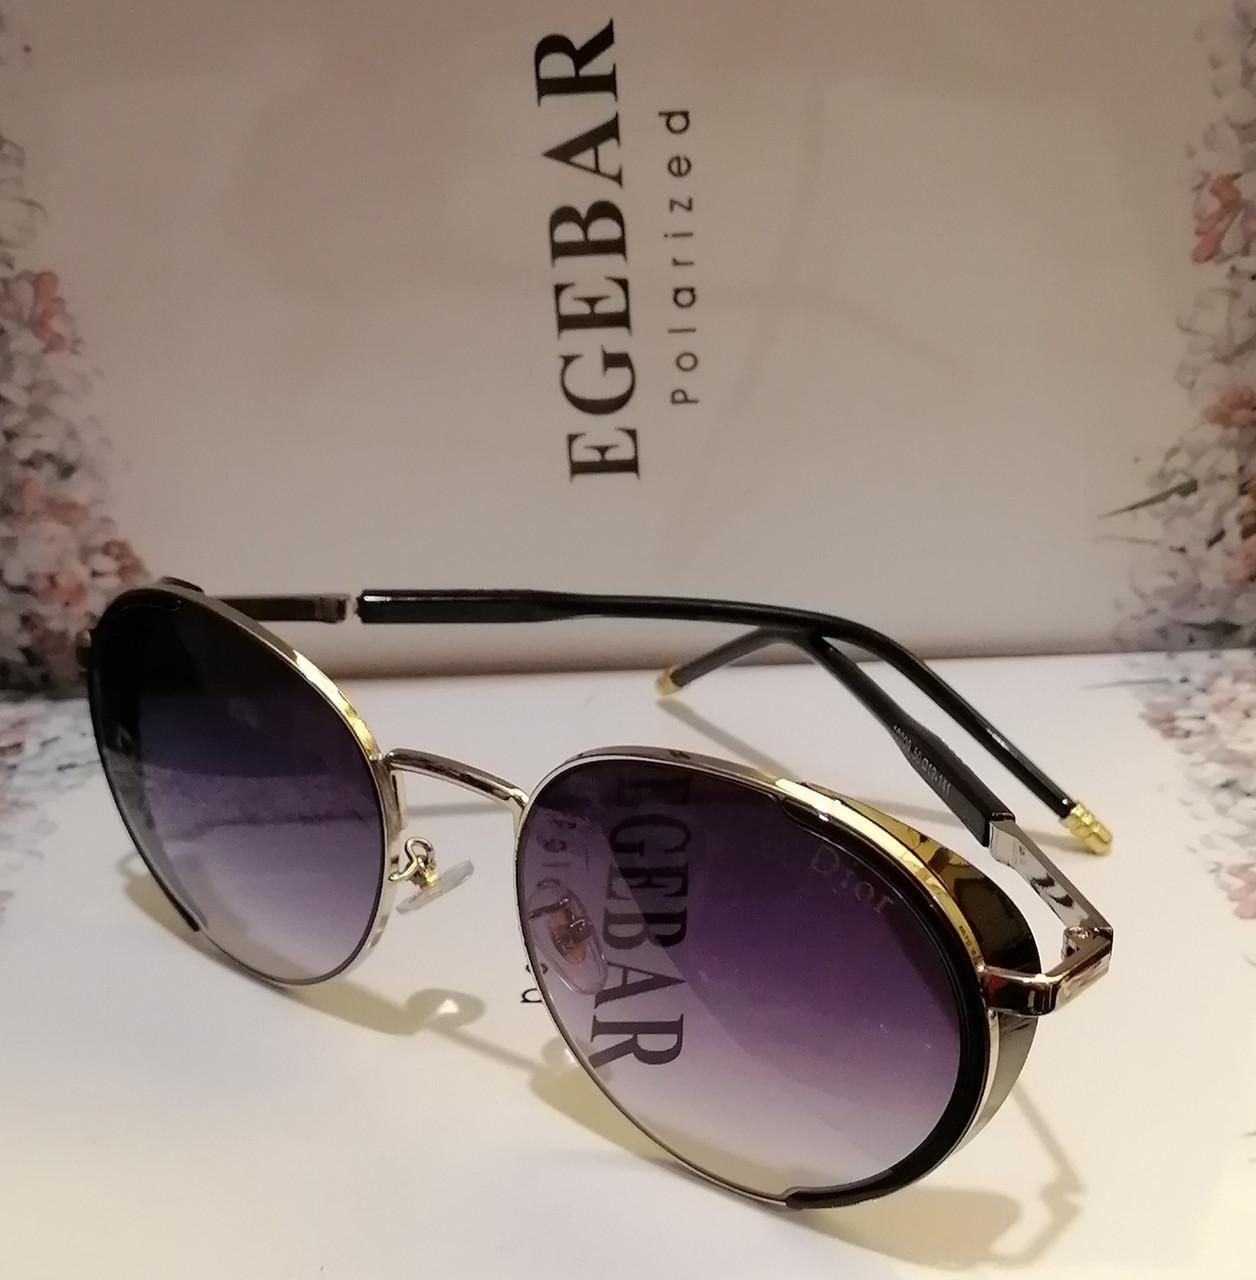 Брендовые солнцезащитные, женские очки, с боковинками, дымчатая линза. Овал